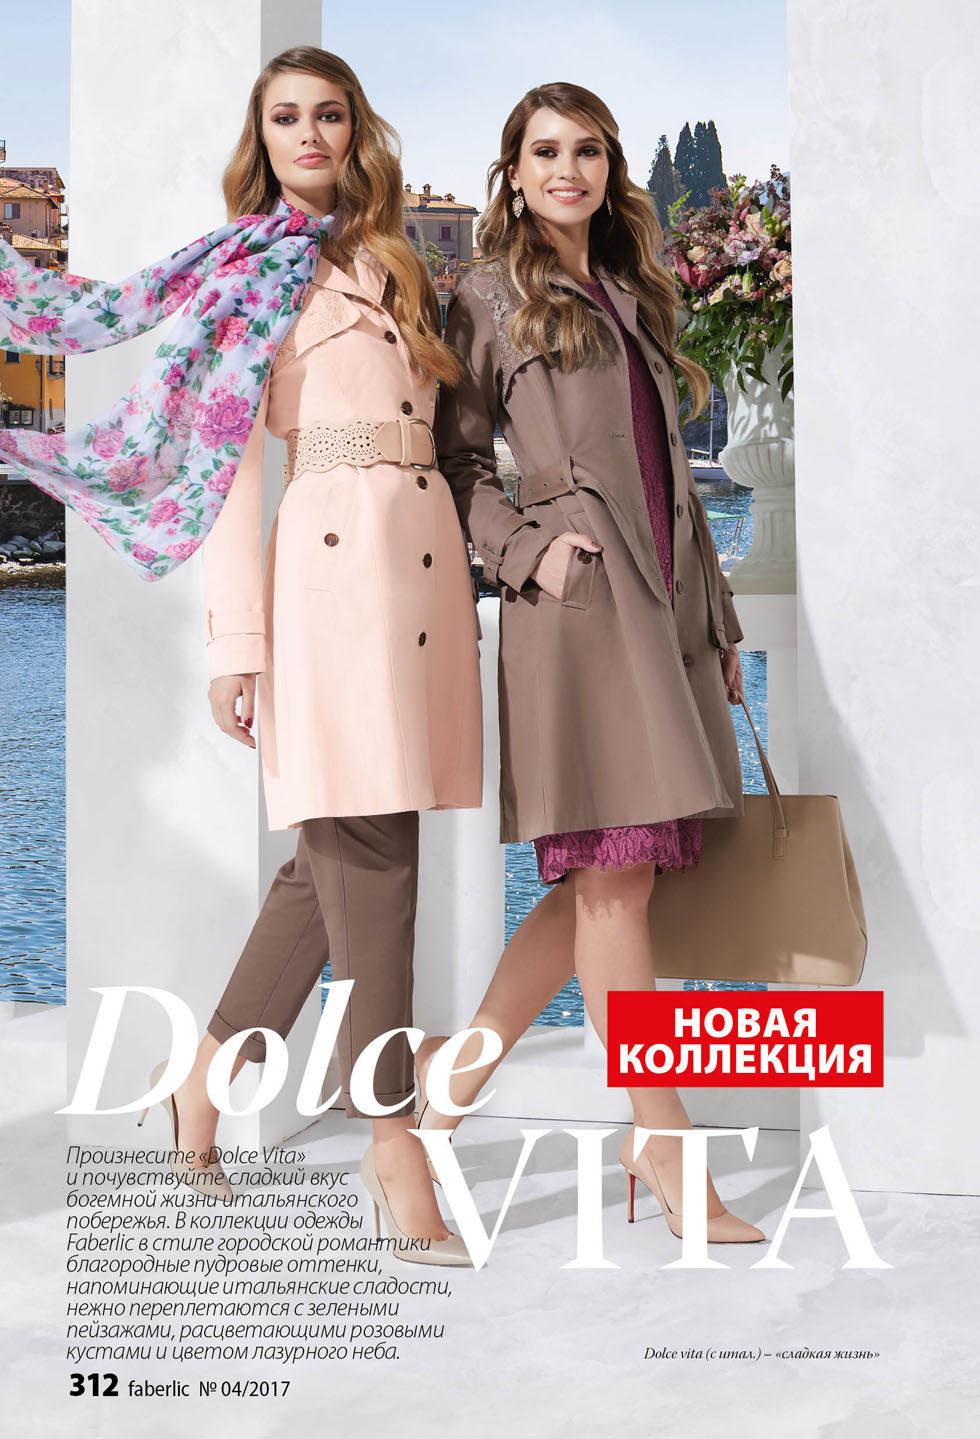 Новинки одежды Дольче Вита! Дисконт 20% после регистрации .  http   info-faberlic.ru 704210653  b8a326d66d0